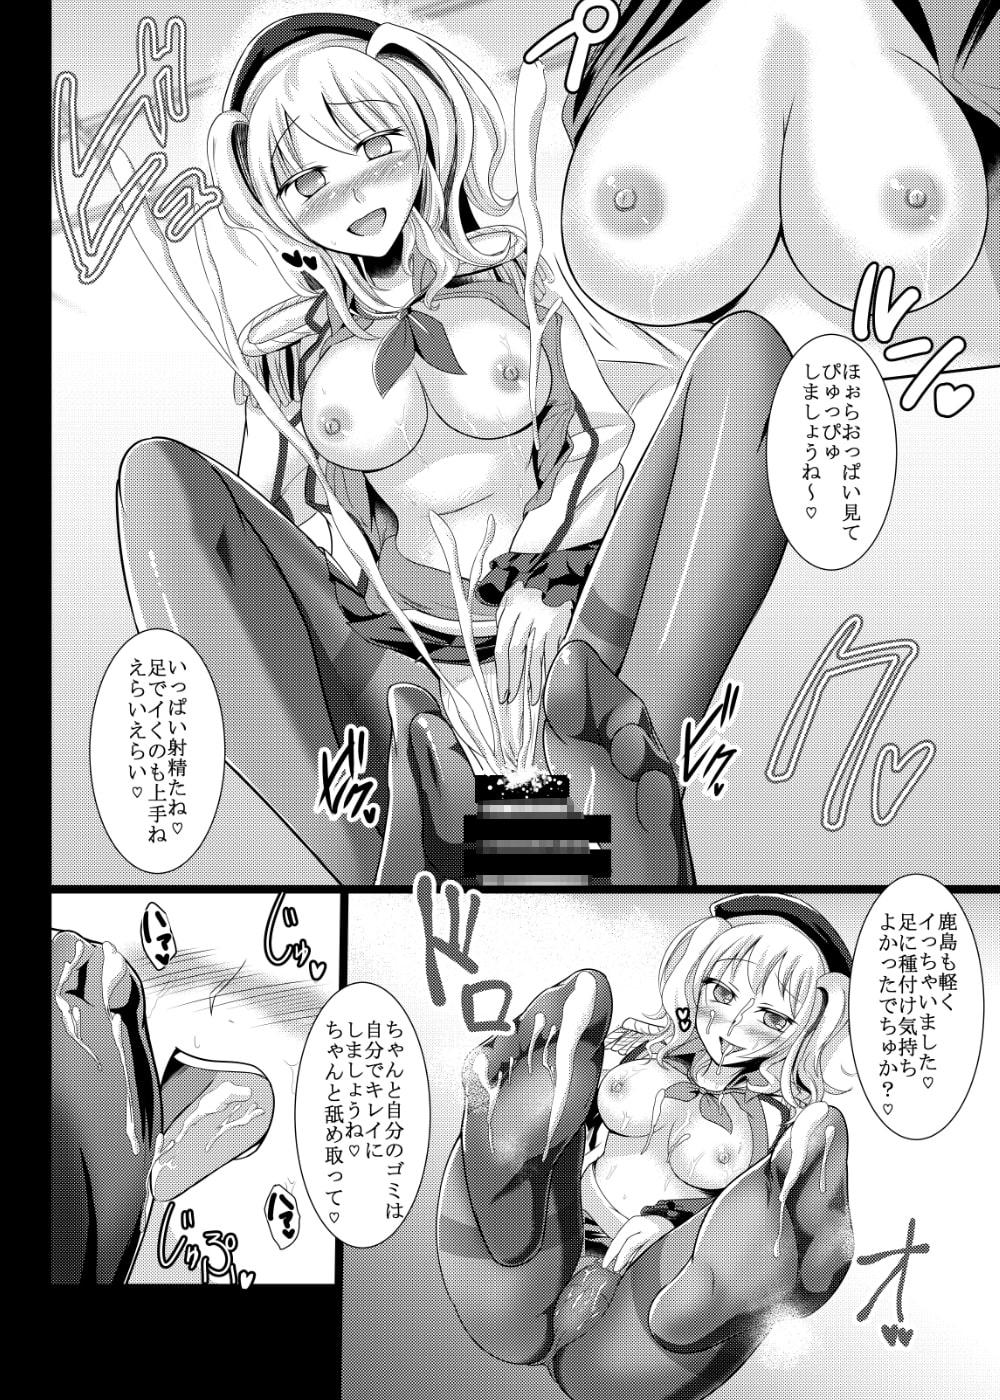 DLsite専売KanmusuforM2nd